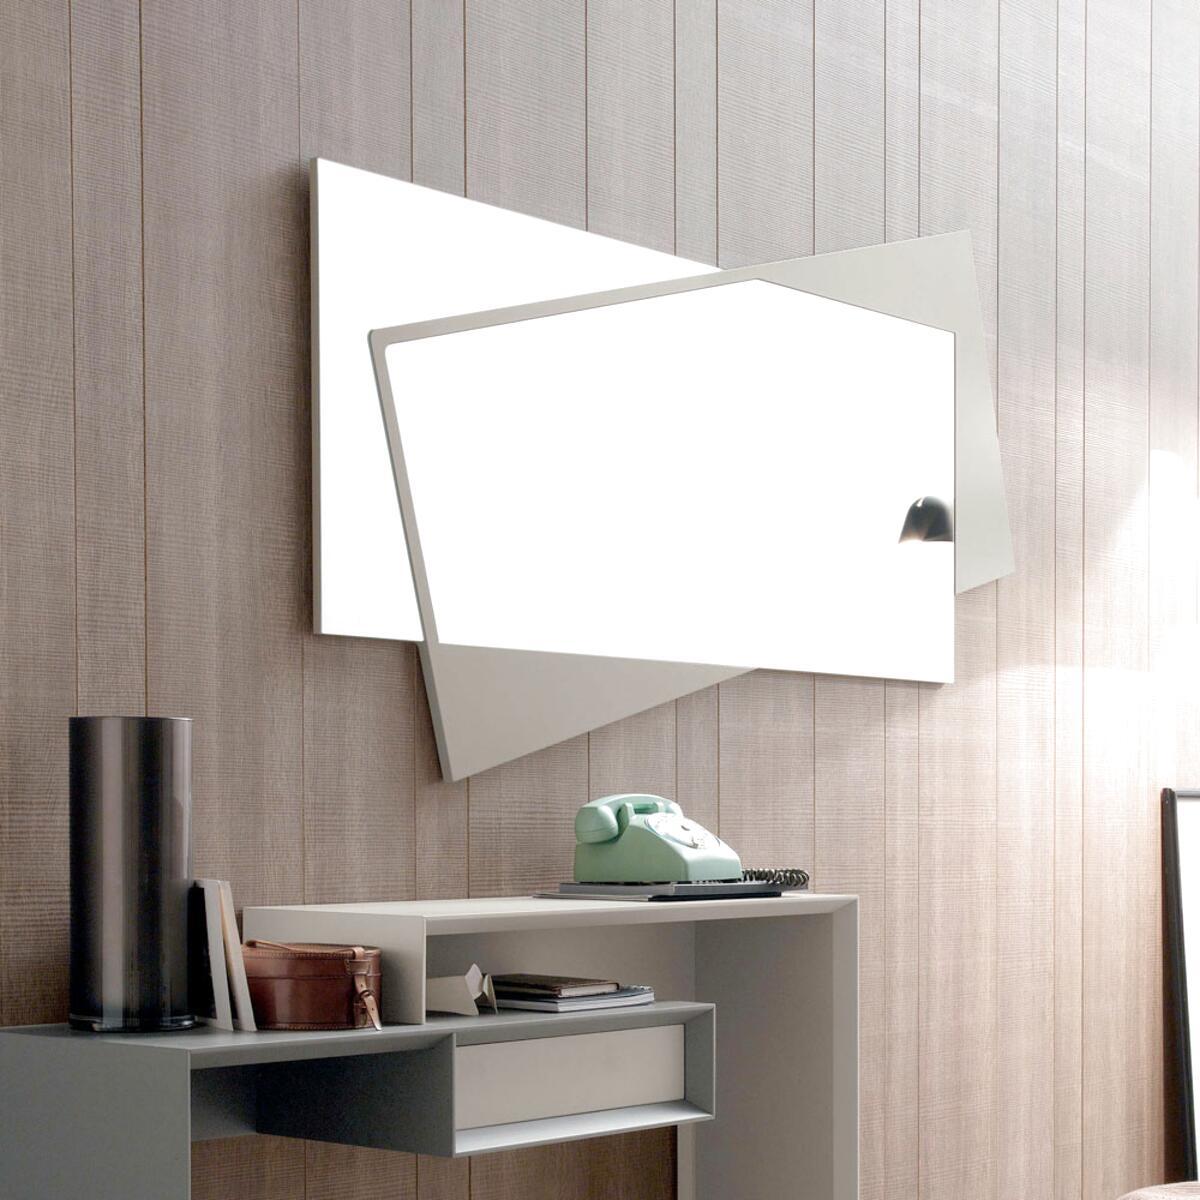 Pareti A Specchio Design specchiera moderna da arredo-ingresso-sala-specchi